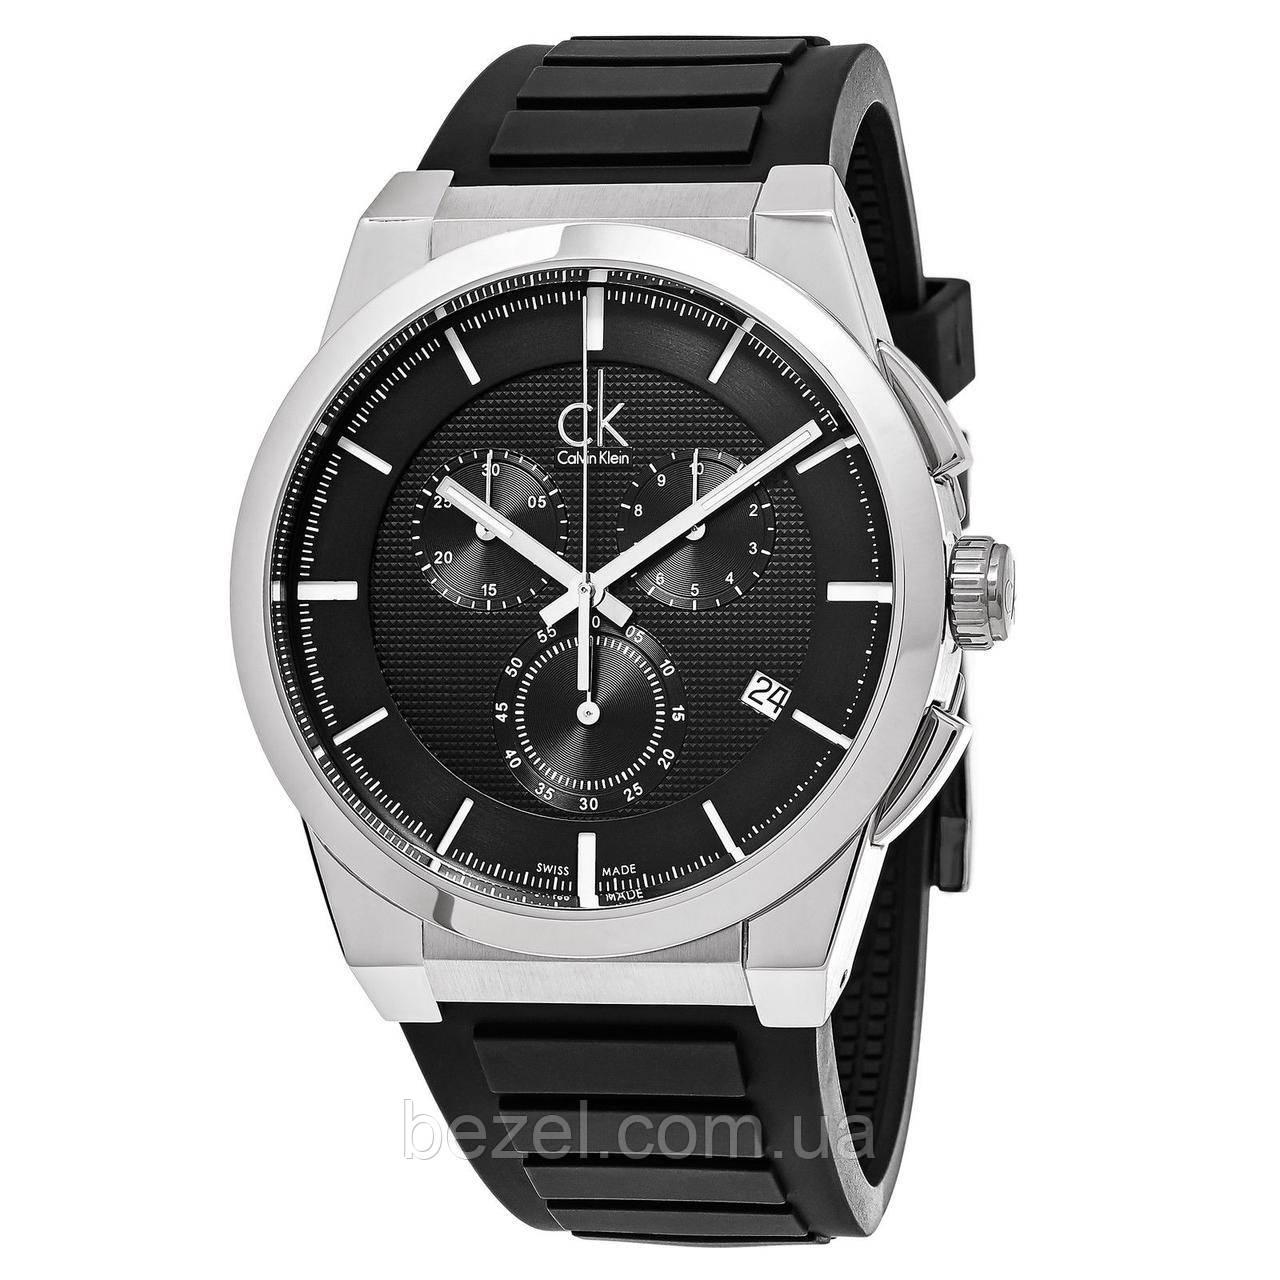 4c00b99d33bb8 Мужские часы Calvin Klein K2S371D1 - BEZEL - оригинальные часы в Черкассах